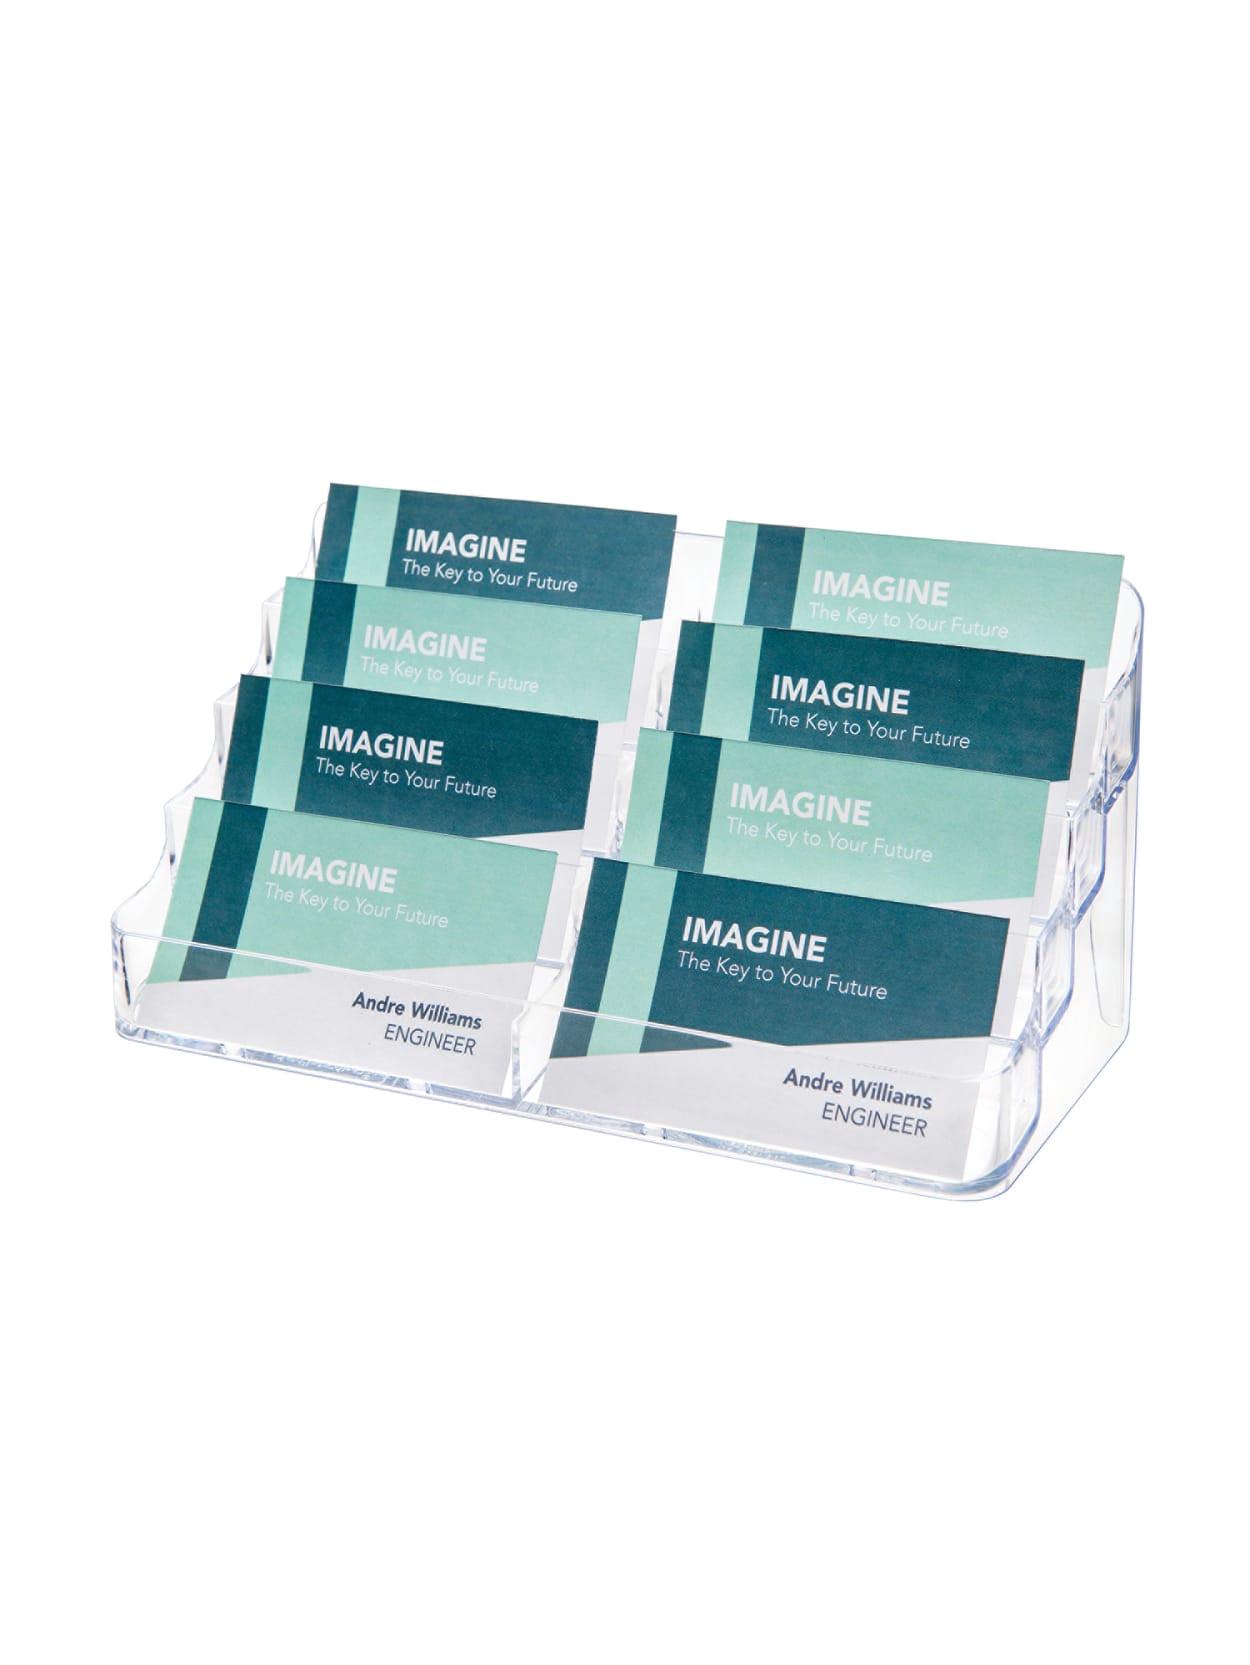 Modern Desktop Business Card Holder Deflect Oa 8 Compartment Business Card Holder 3 7 8 H X 7 7 8 W X 3 5 8 D Clear Item 166982